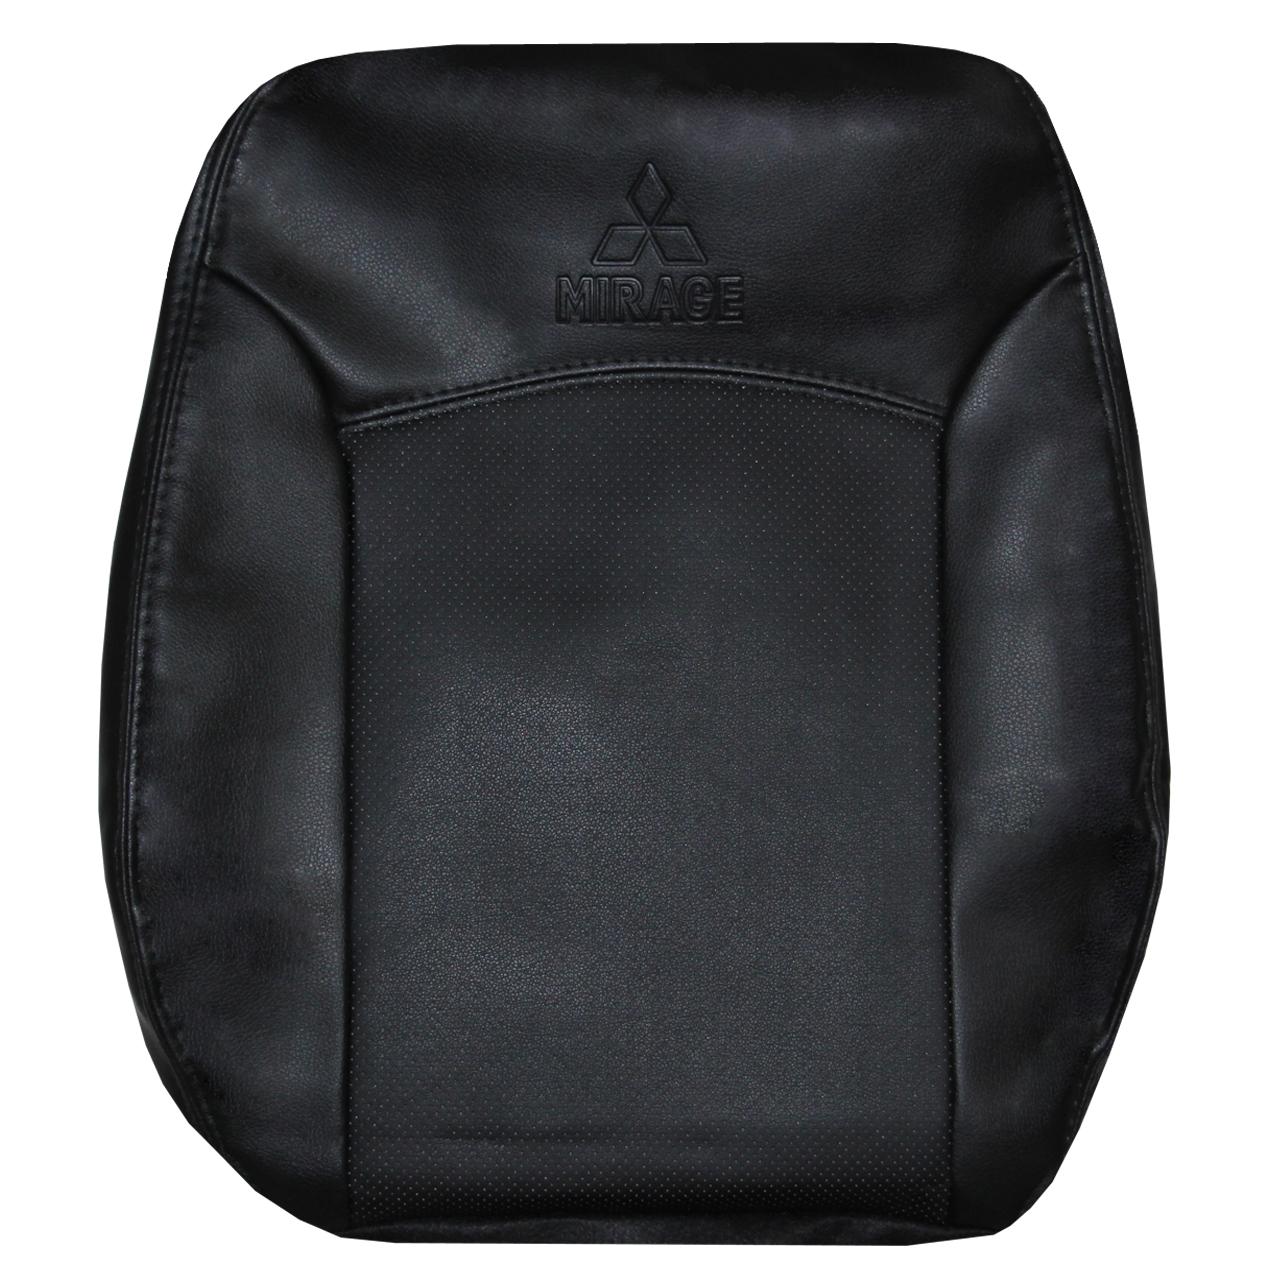 روکش صندلی خودرو مدل AZ048 مناسب برای میتسوبیشی میراژ